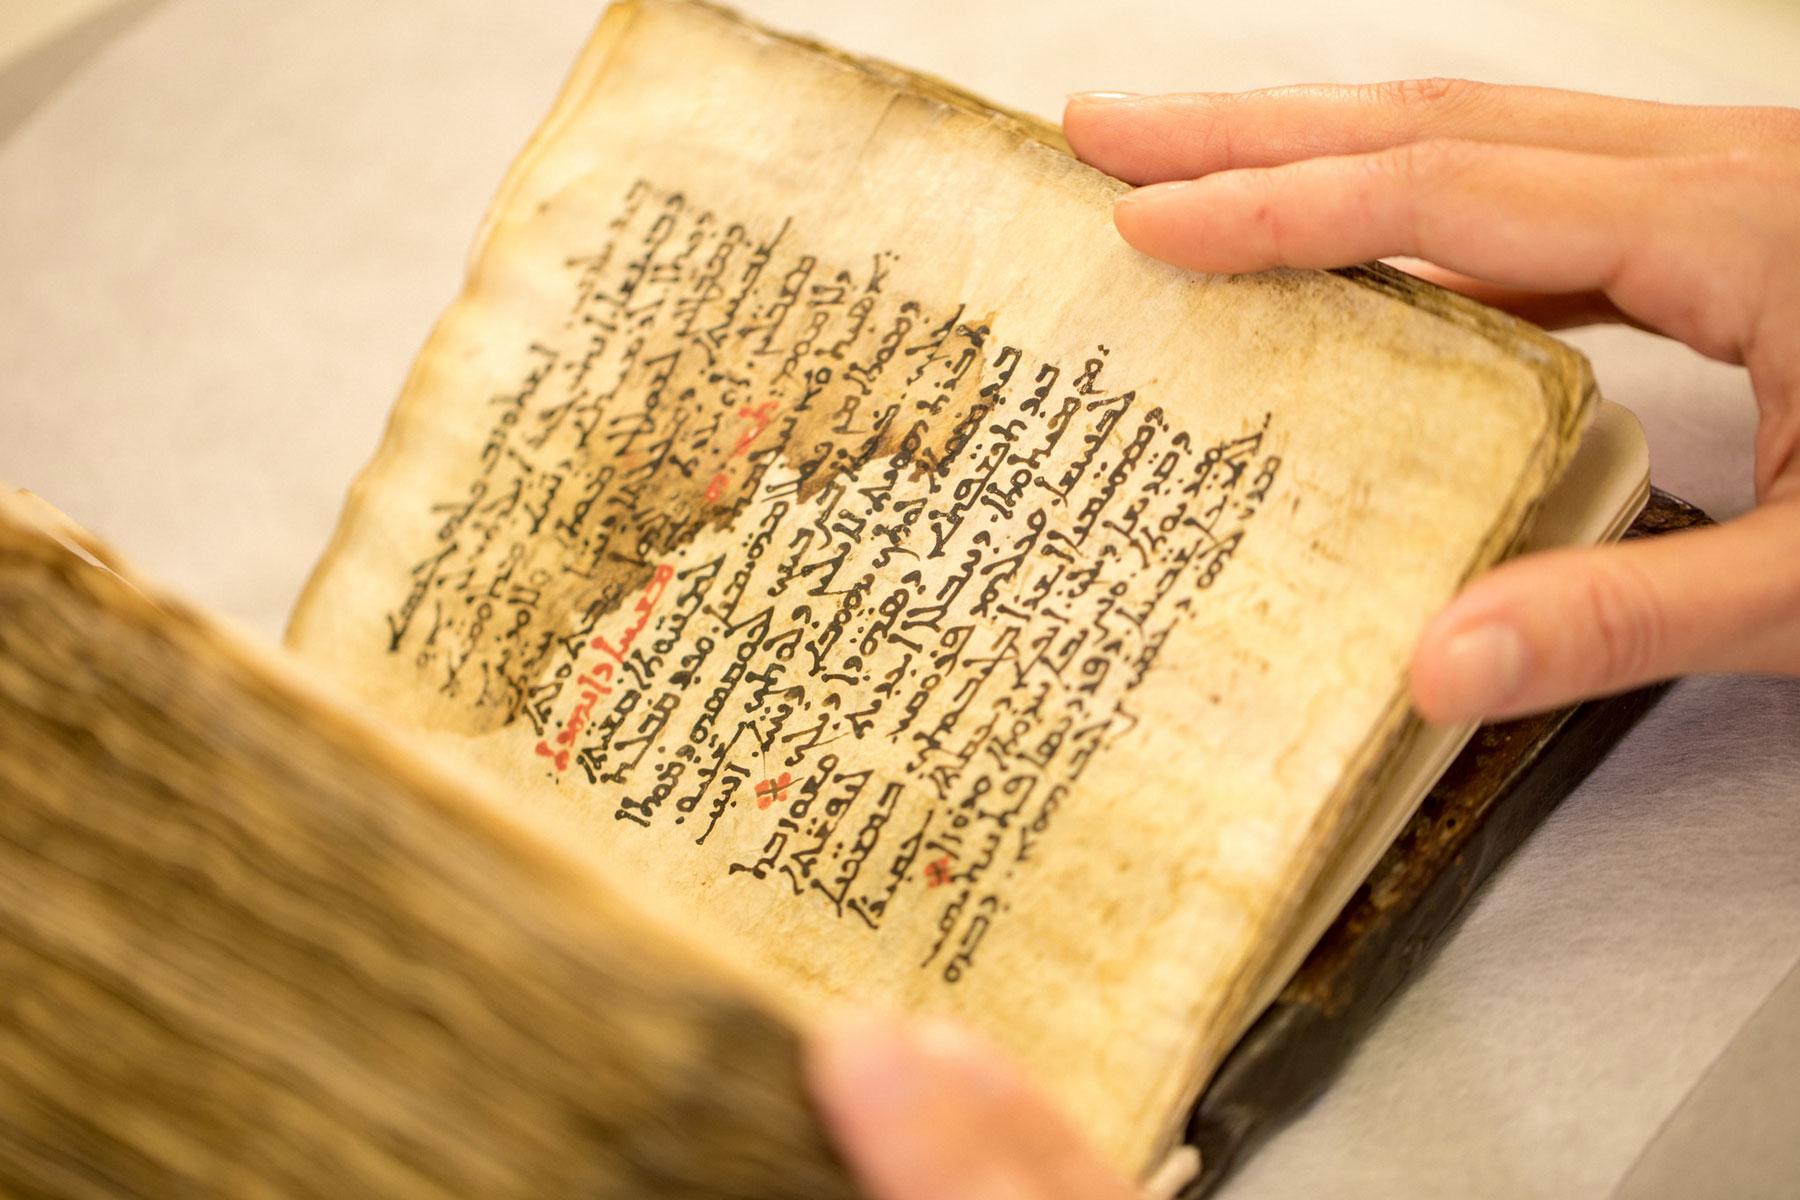 Ένα ιατροφαρμακευτικό κείμενο του φημισμένου Έλληνα γιατρού της αρχαιότητας Γαληνού αποκάλυψαν ερευνητές στις ΗΠΑ σε ένα παλίμψηστο χειρόγραφο, κρυμμένο κάτω από ένα επιφανειακό κείμενο με ψαλμούς, και άρχισαν να το διαβάζουν. Είναι η πρώτη φορά μετά από 1.000 περίπου χρόνια, αφότου καλύφθηκε το αρχαίο χειρόγραφο, που διαβάζεται και πάλι.